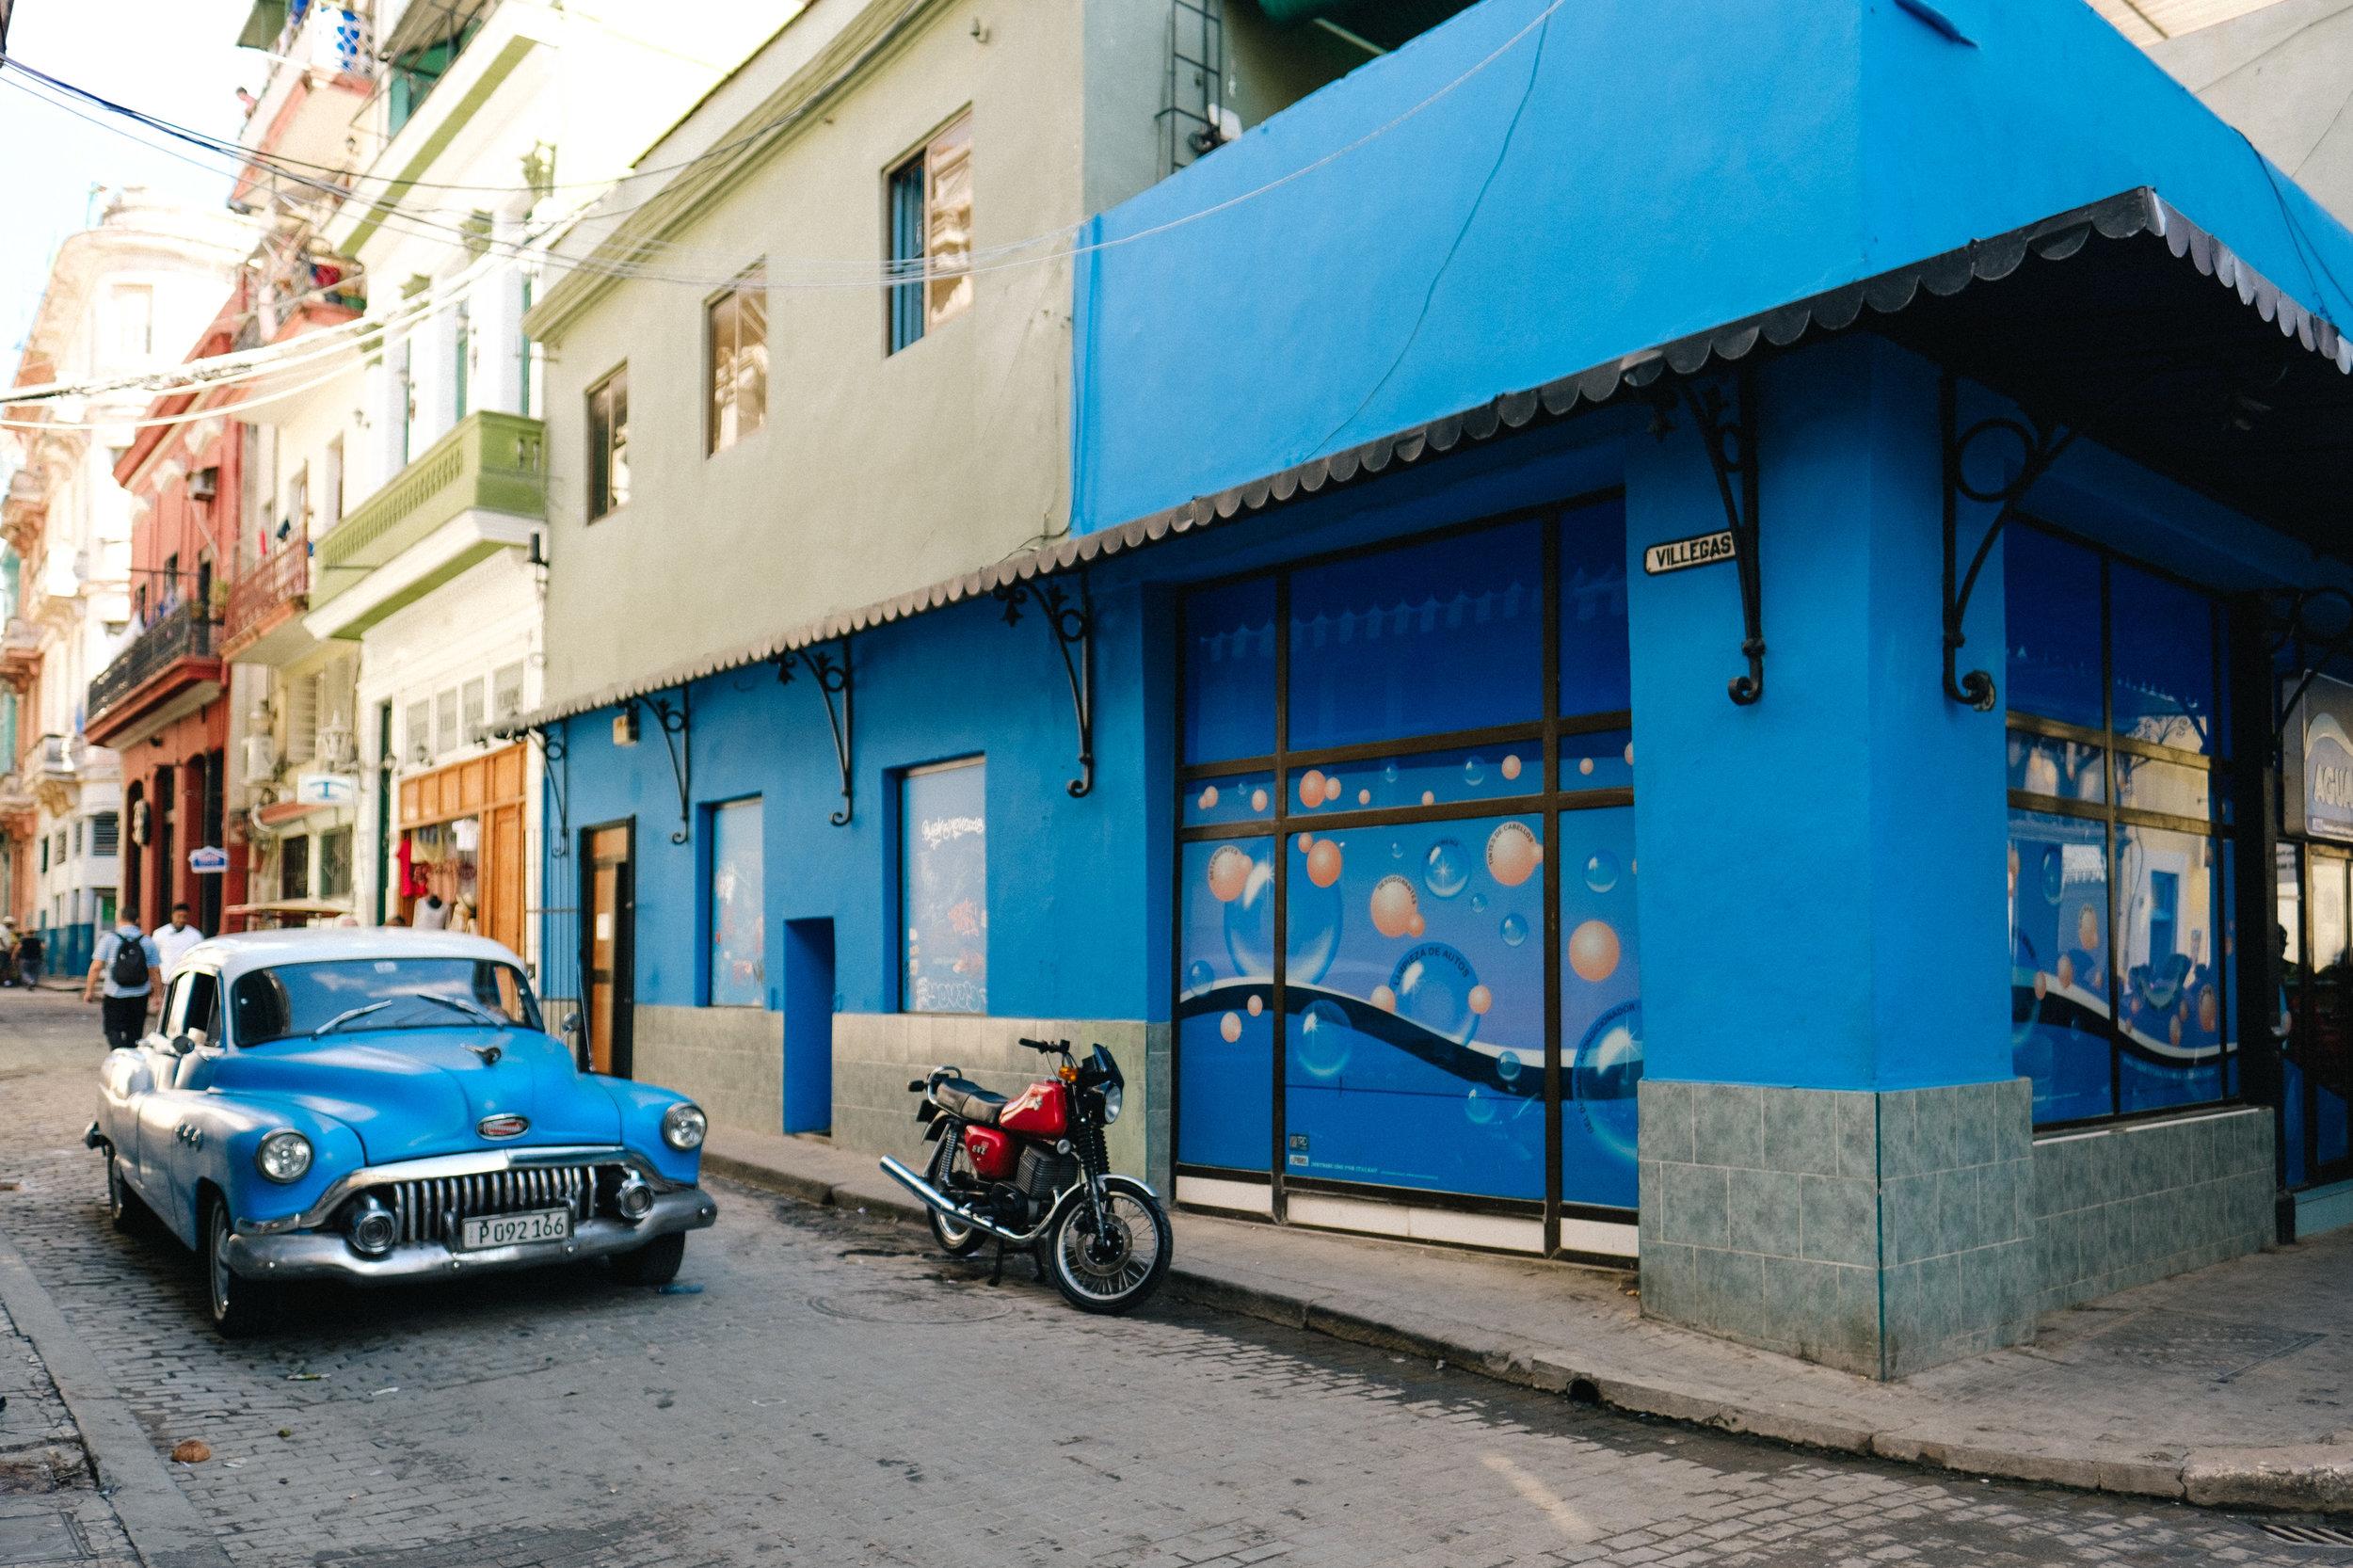 Cuba2019-57.jpg